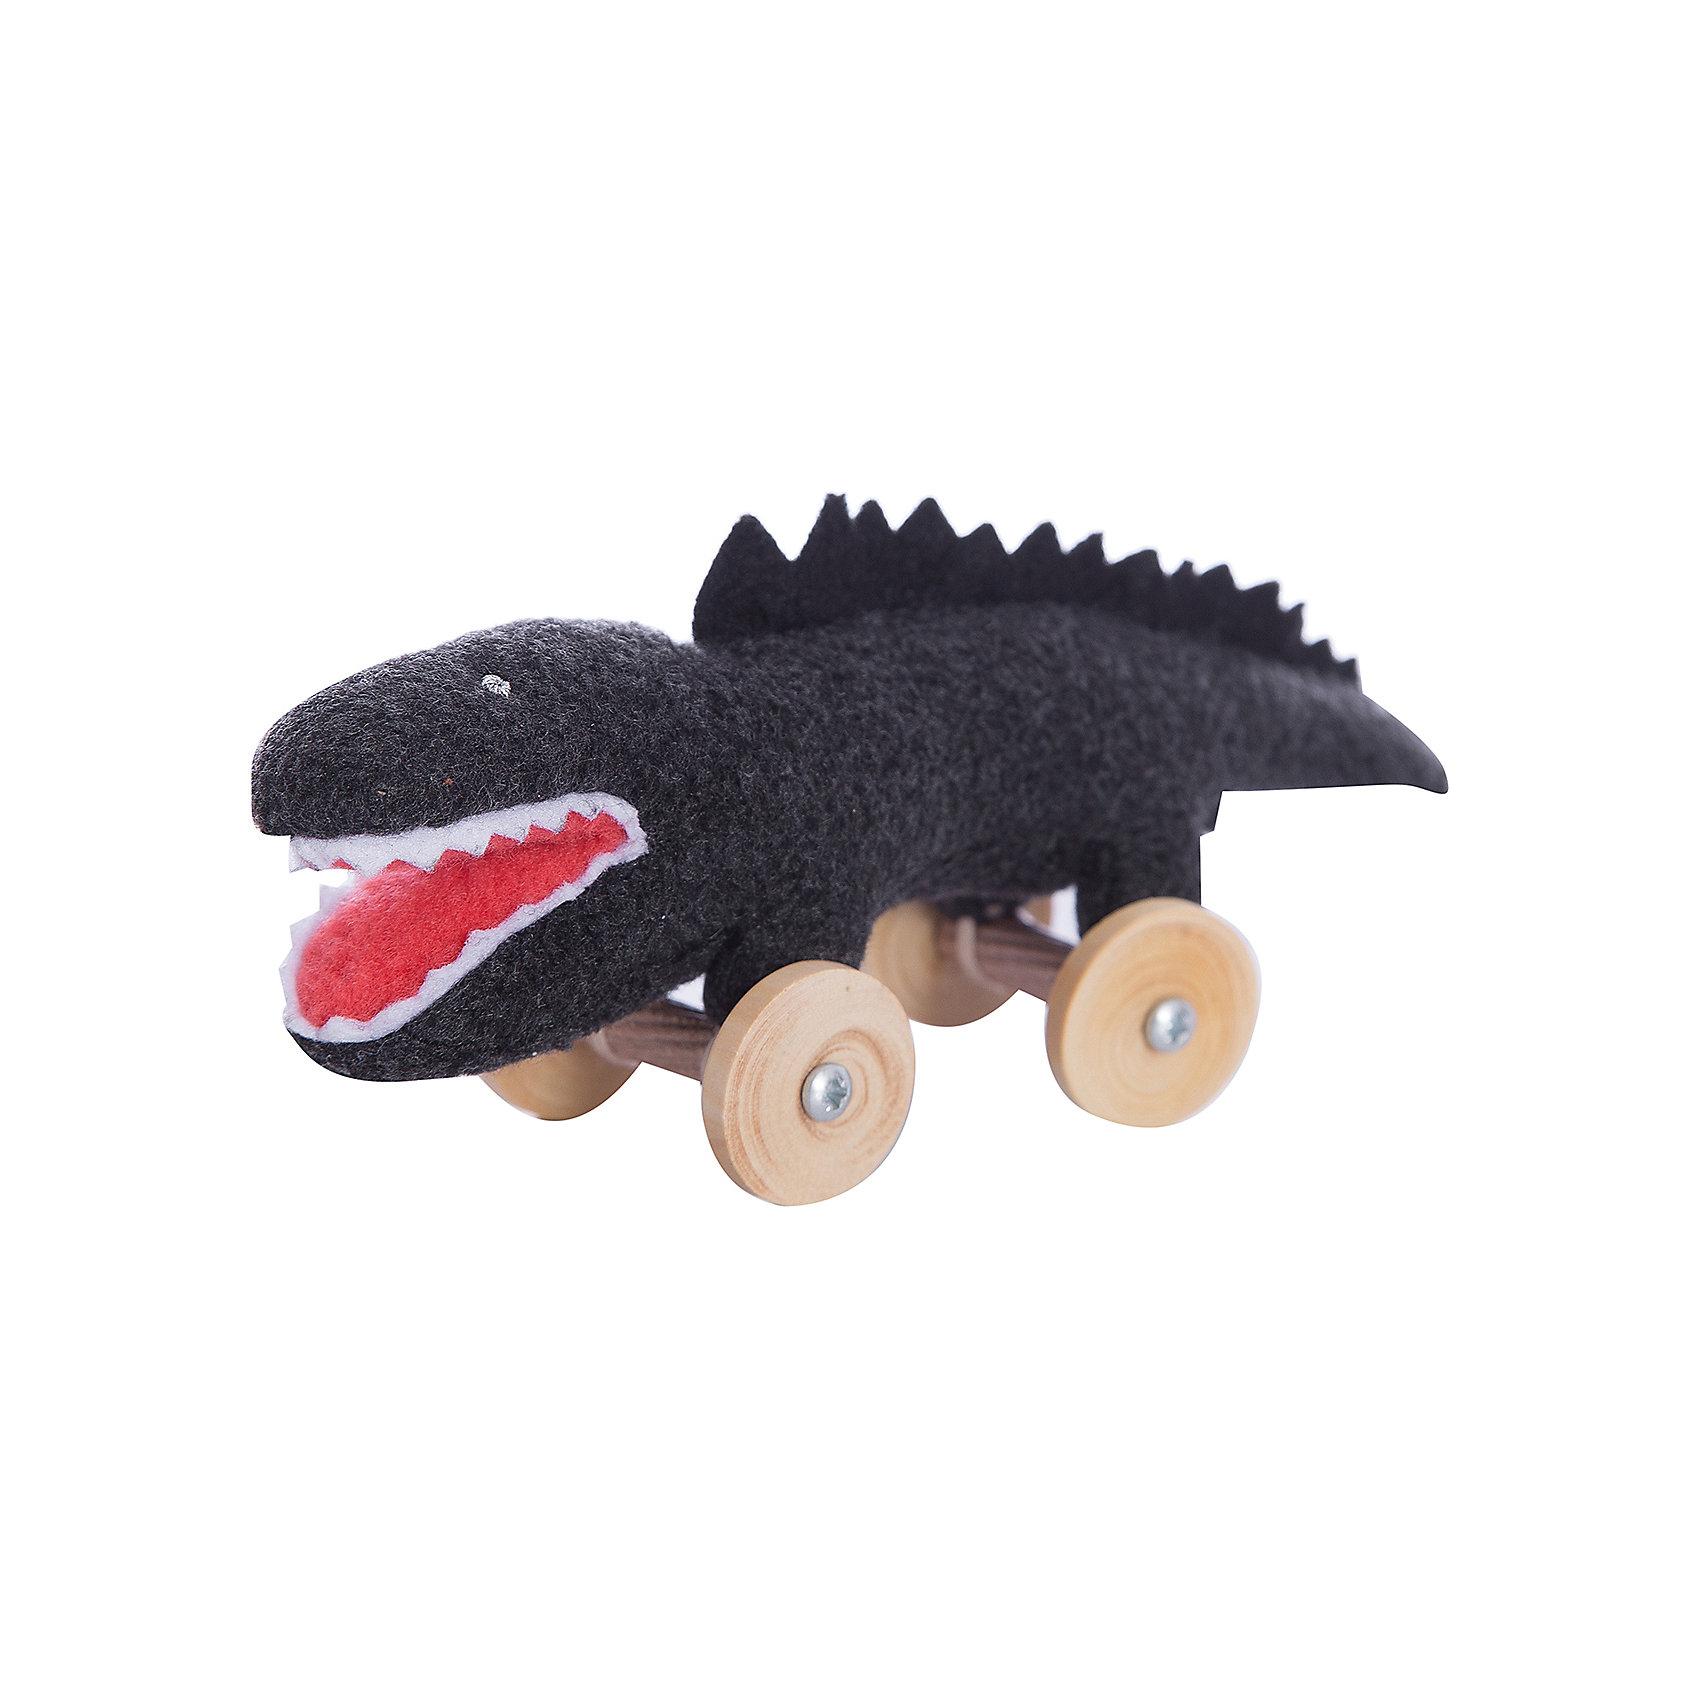 Мягкая игрушка Крокодил на колесиках, черный, 16см&#13;, TrousselierМягкие игрушки животные<br>Мягкая игрушка Крокодил на колесиках, черный, 16см, Trousselier (Трусельер).<br><br>Характеристики:<br><br>- Длина: 16 см.<br>- Цвет: черный<br>- Материал: дерево, хлопок, хлопковый велюр<br>- Уход: ручная стирка<br><br>Игрушка-каталка, выполненная в виде очаровательного крокодильчика с колесиками, непременно, привлечет к себе внимание ребенка. Игрушка изготовлена из мягкого гипоаллергенного материала - хлопкового велюра, колесики из натурального дерева и абсолютно безопасна для детей. Оригинальная форма и яркие цвета стимулируют развитие малыша. В процессе игры у ребенка развивается моторика, координация движений, цветовое восприятие, а также тактильные ощущения. Французский бренд Trousselier (Трусельер) вот уже более 40 лет создает уникальные коллекции детских игрушек. Вся продукция изготавливается из натуральных материалов с соблюдением высоких европейских стандартов качества.<br><br>Мягкую игрушку Крокодил на колесиках, черный, 16см, Trousselier (Трусельер) можно купить в нашем интернет-магазине.<br><br>Ширина мм: 130<br>Глубина мм: 130<br>Высота мм: 75<br>Вес г: 380<br>Возраст от месяцев: -2147483648<br>Возраст до месяцев: 2147483647<br>Пол: Унисекс<br>Возраст: Детский<br>SKU: 4964785